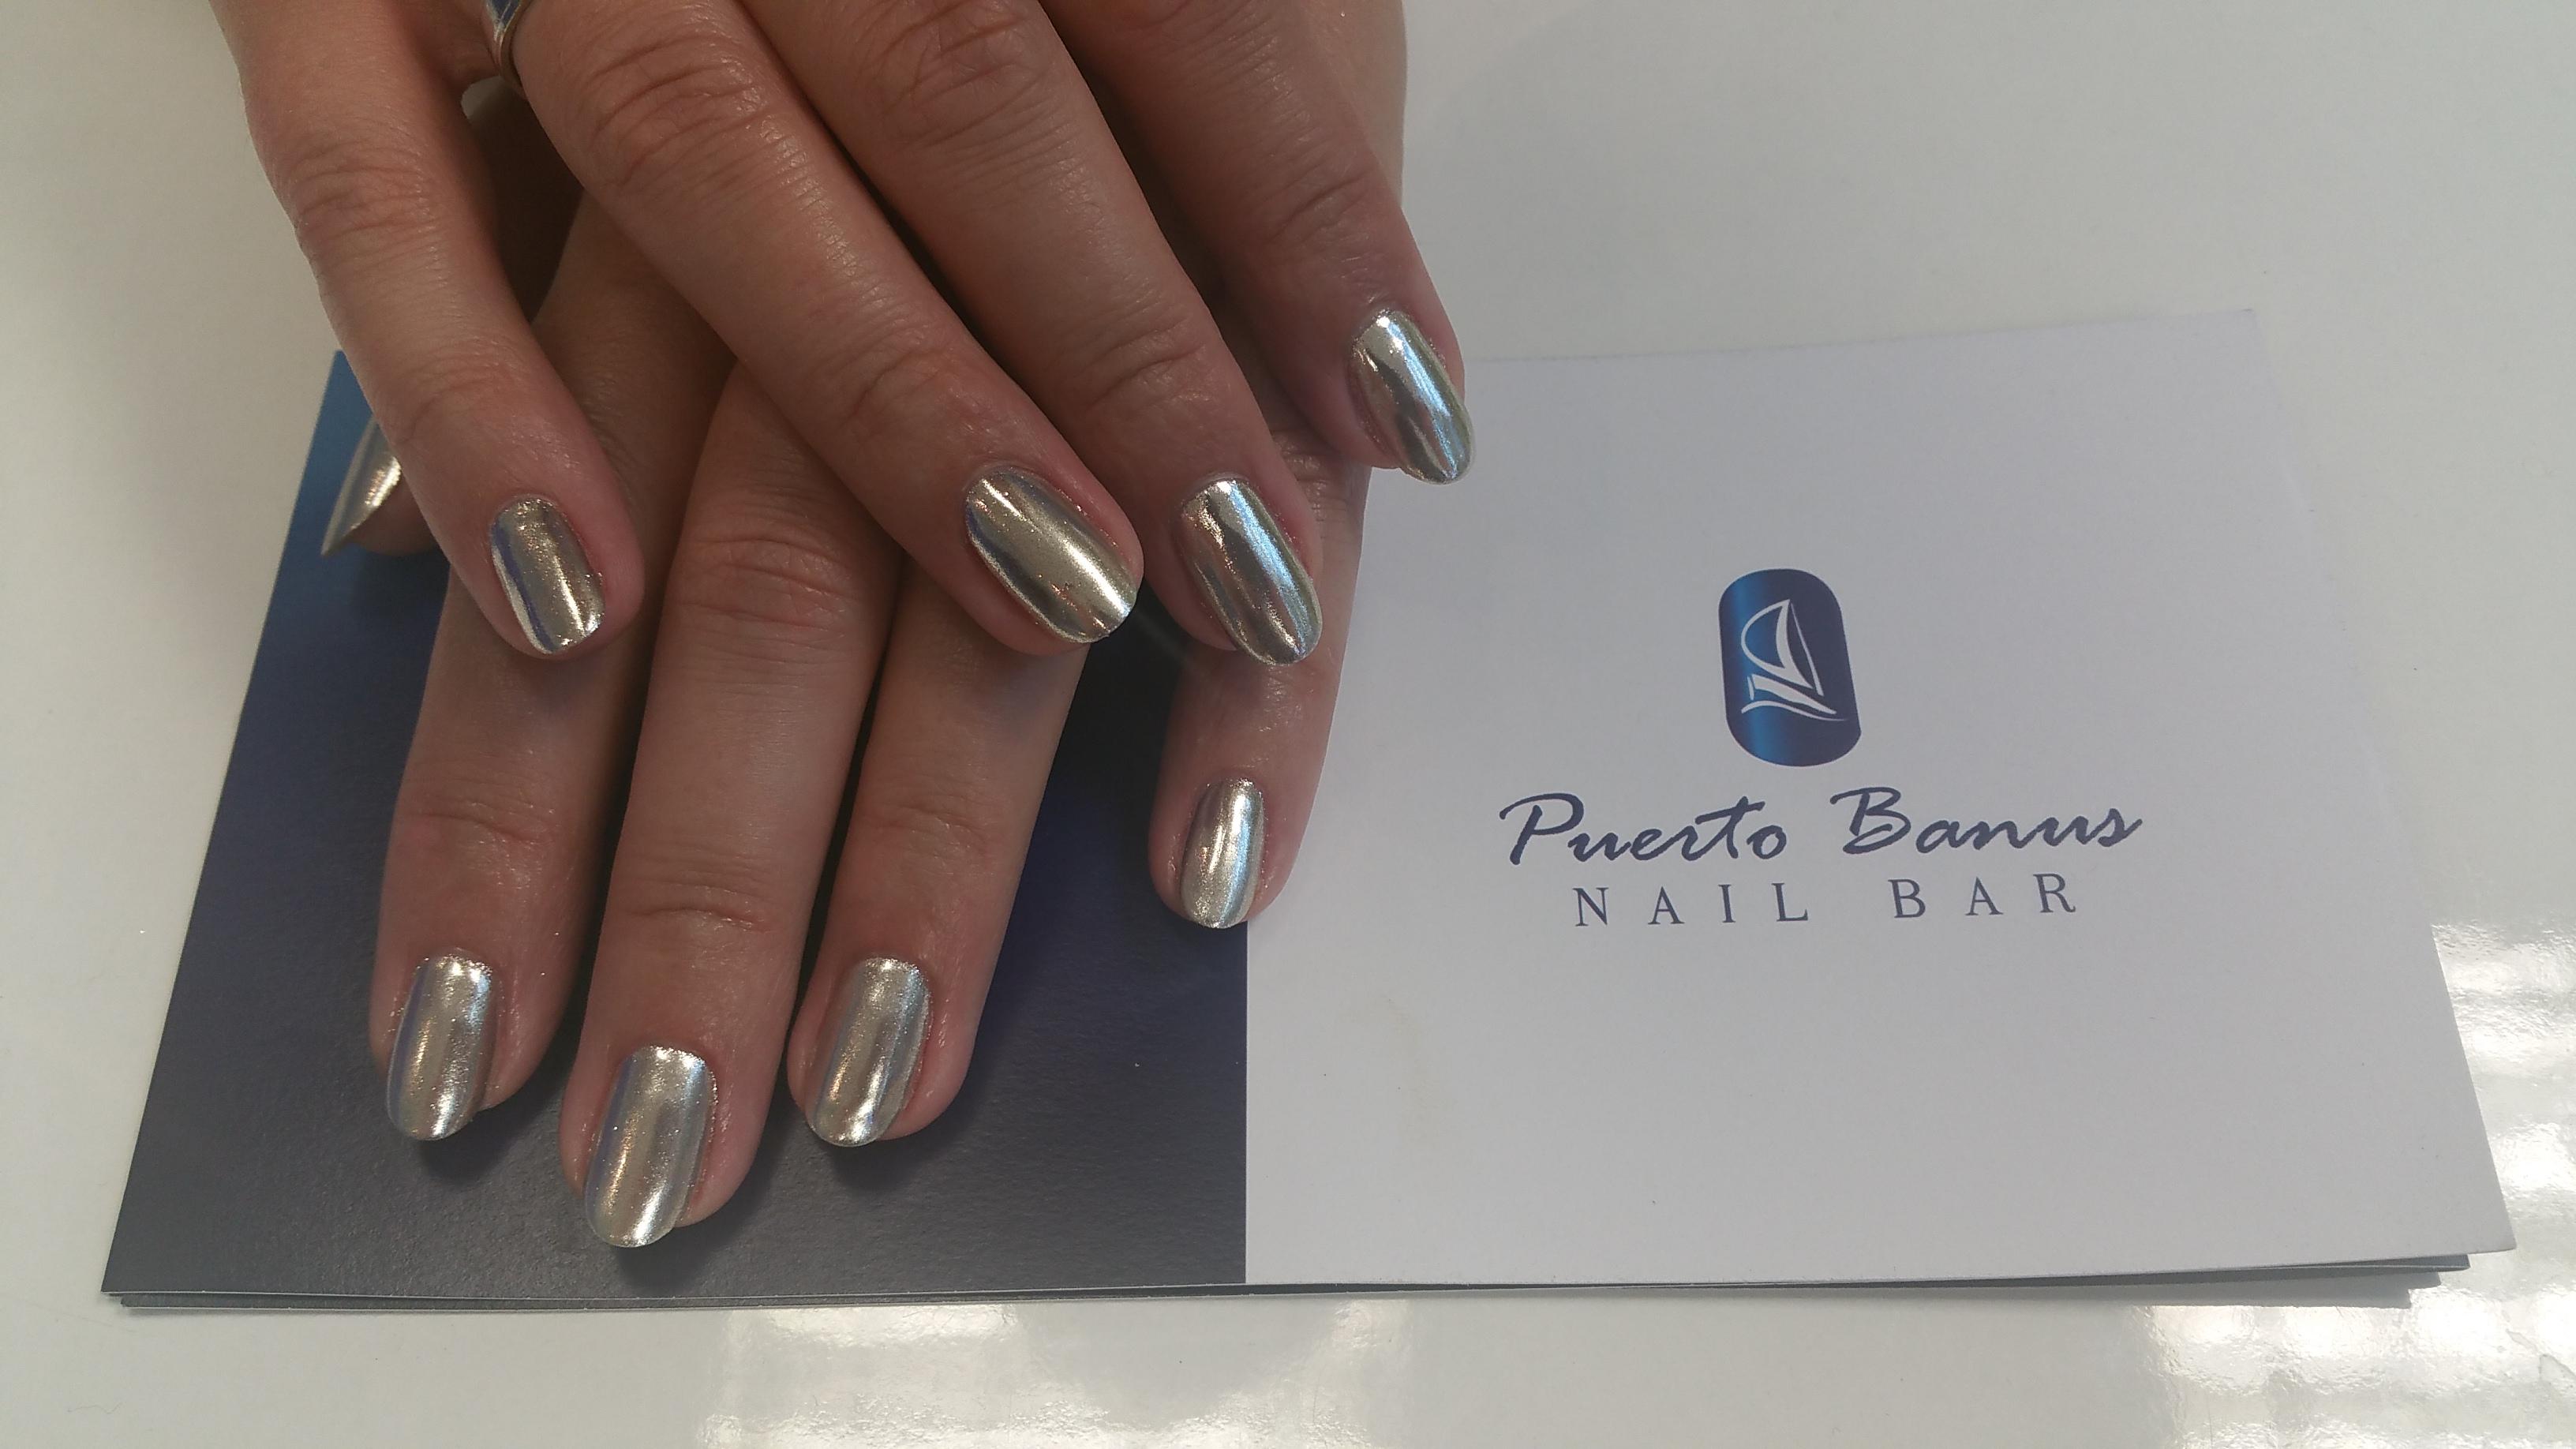 Mirror nails - Puerto Banus Nail Bar Cork